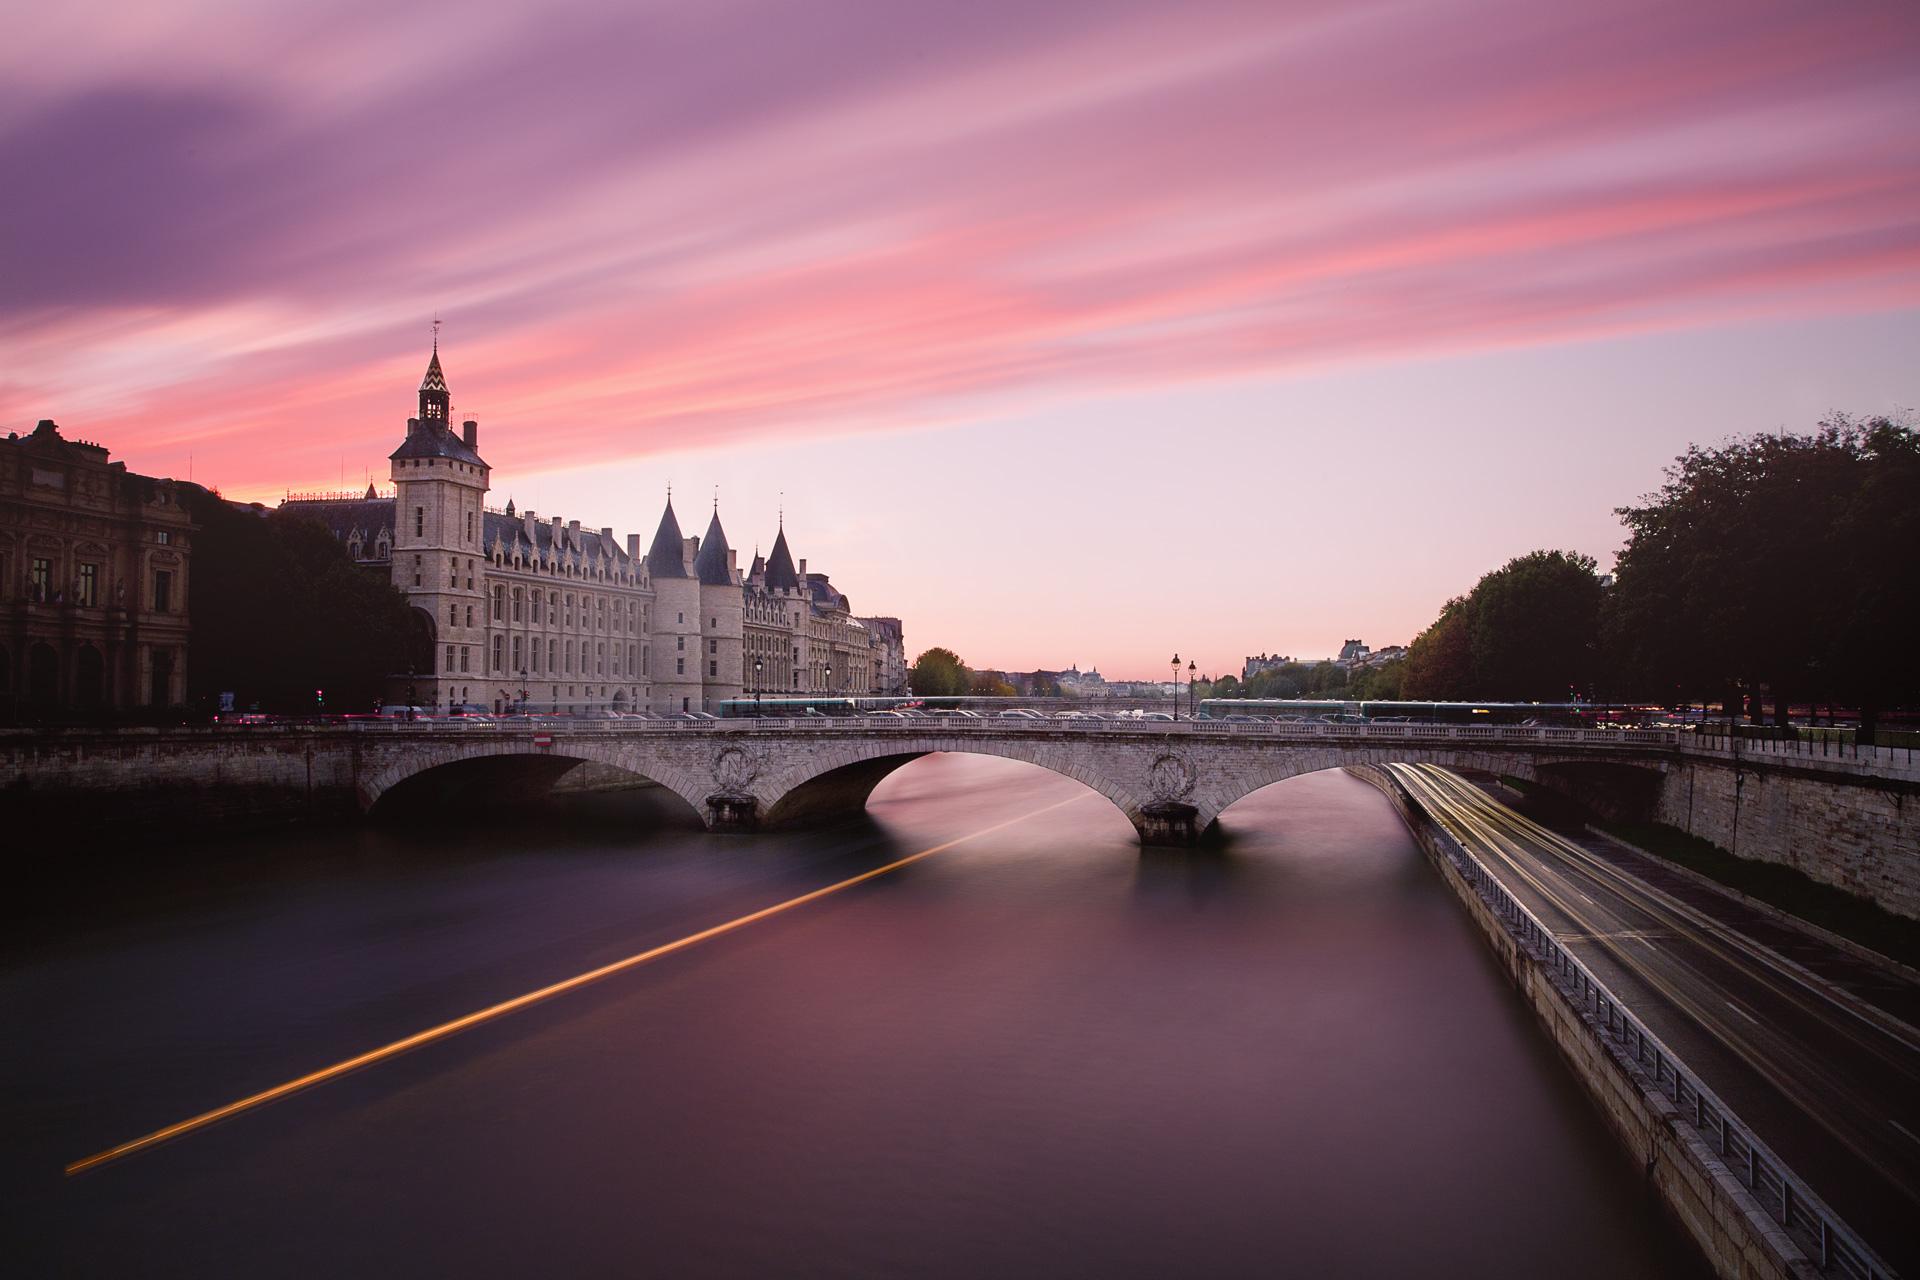 La Conciergerie - 2013 - Geoffrey Mitre Photographie